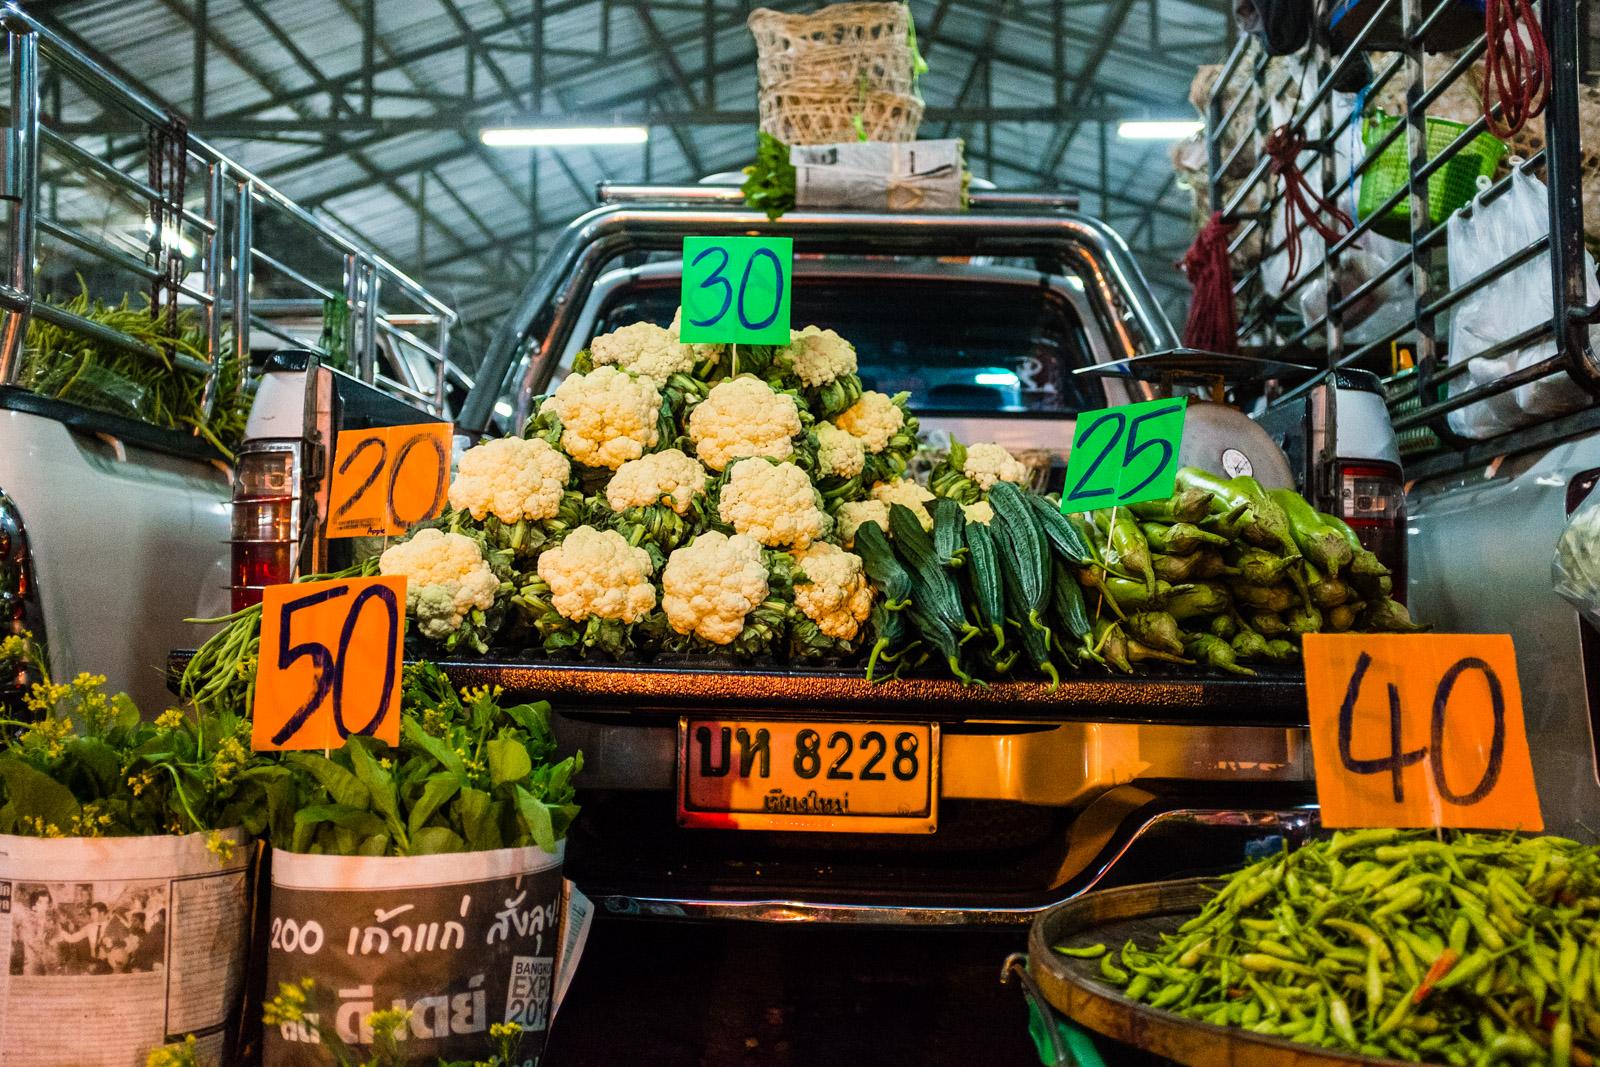 Cauliflower on truck